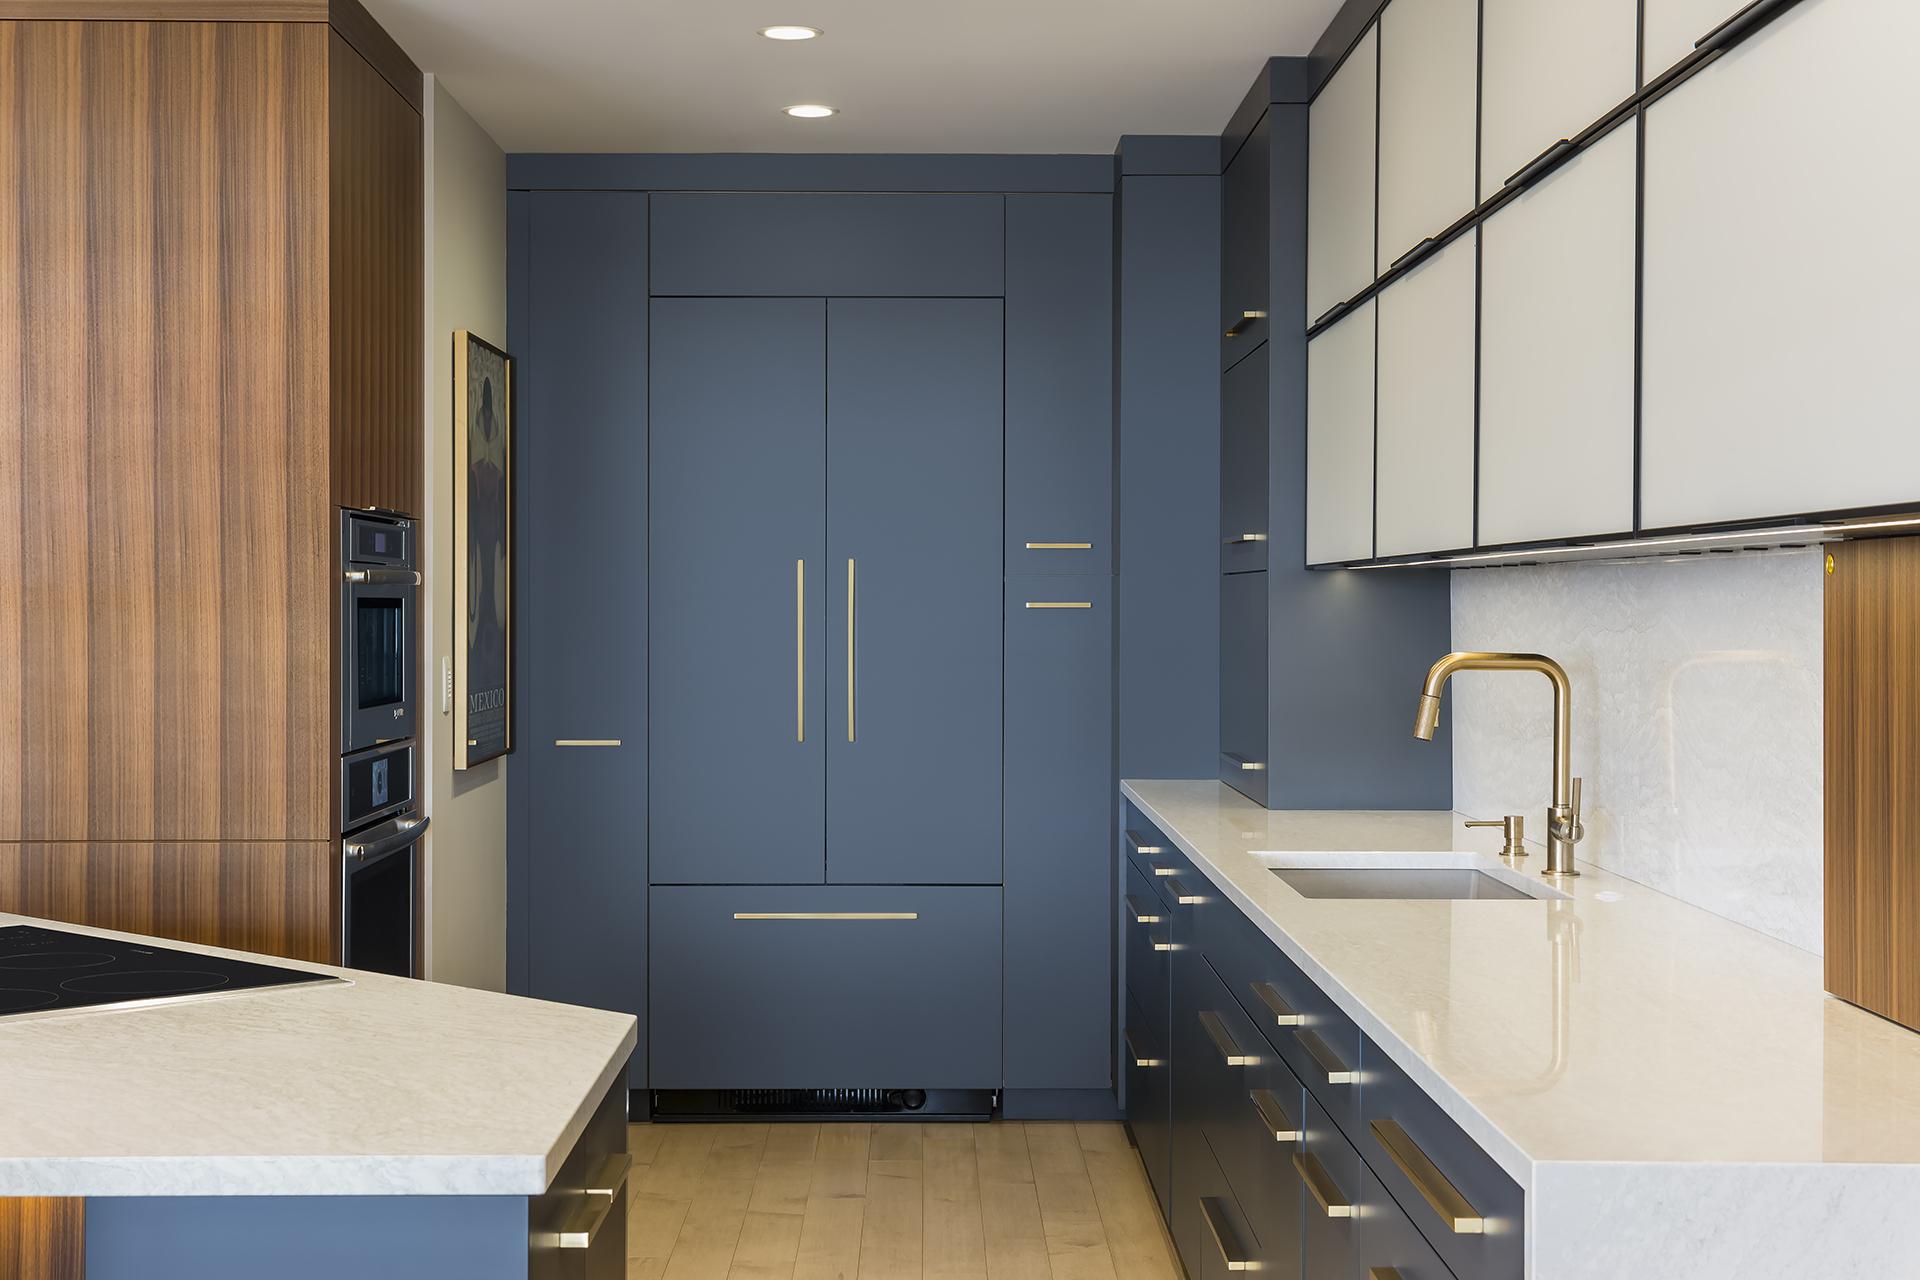 KitchenDetail_2020_06_29